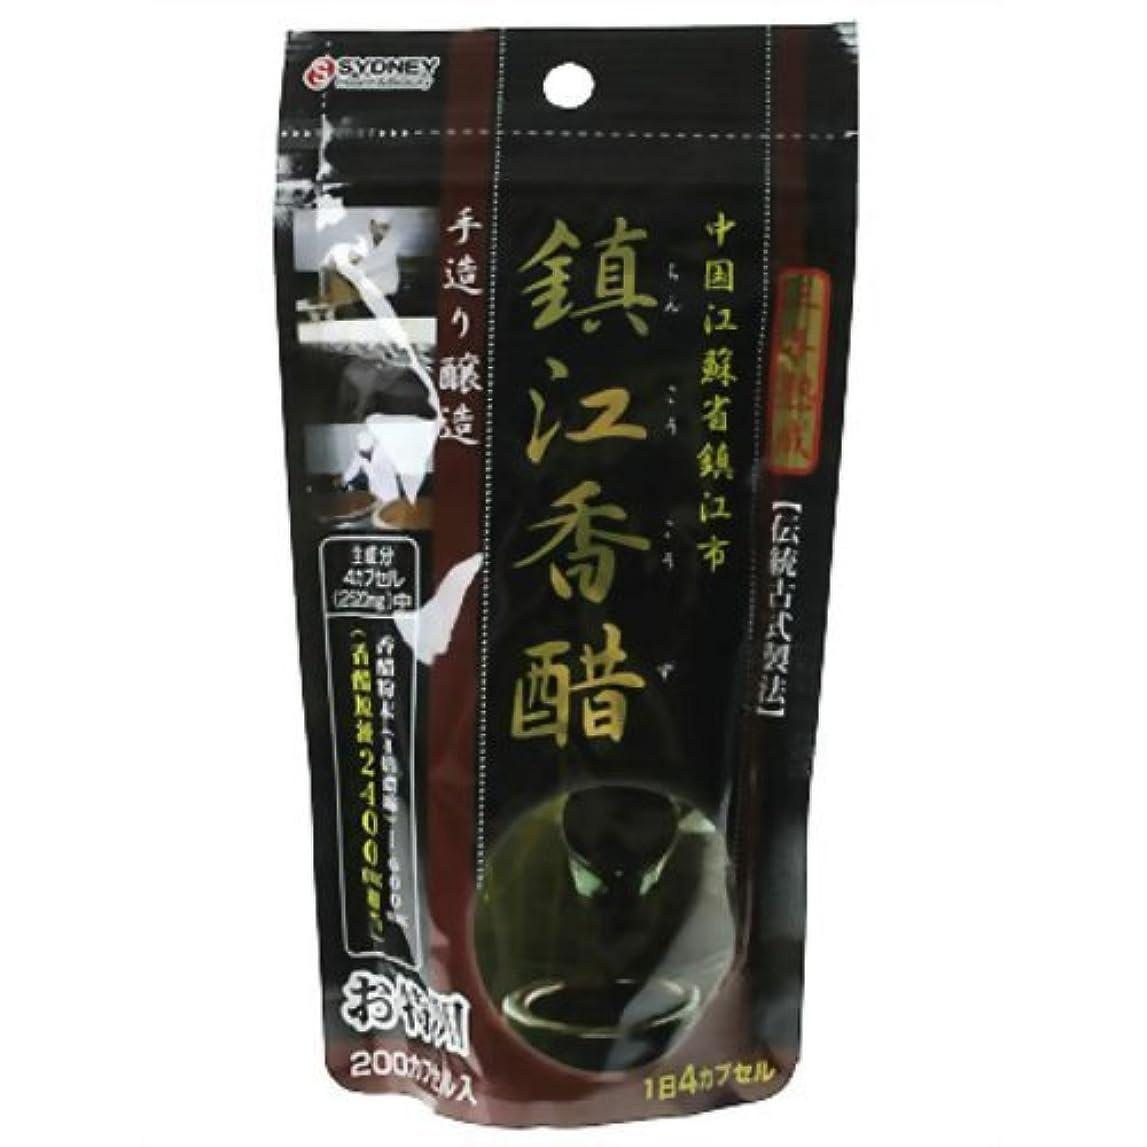 残酷なアラーム率直な鎮江香酢(三年熟成?伝統古式製法) 200カプセル